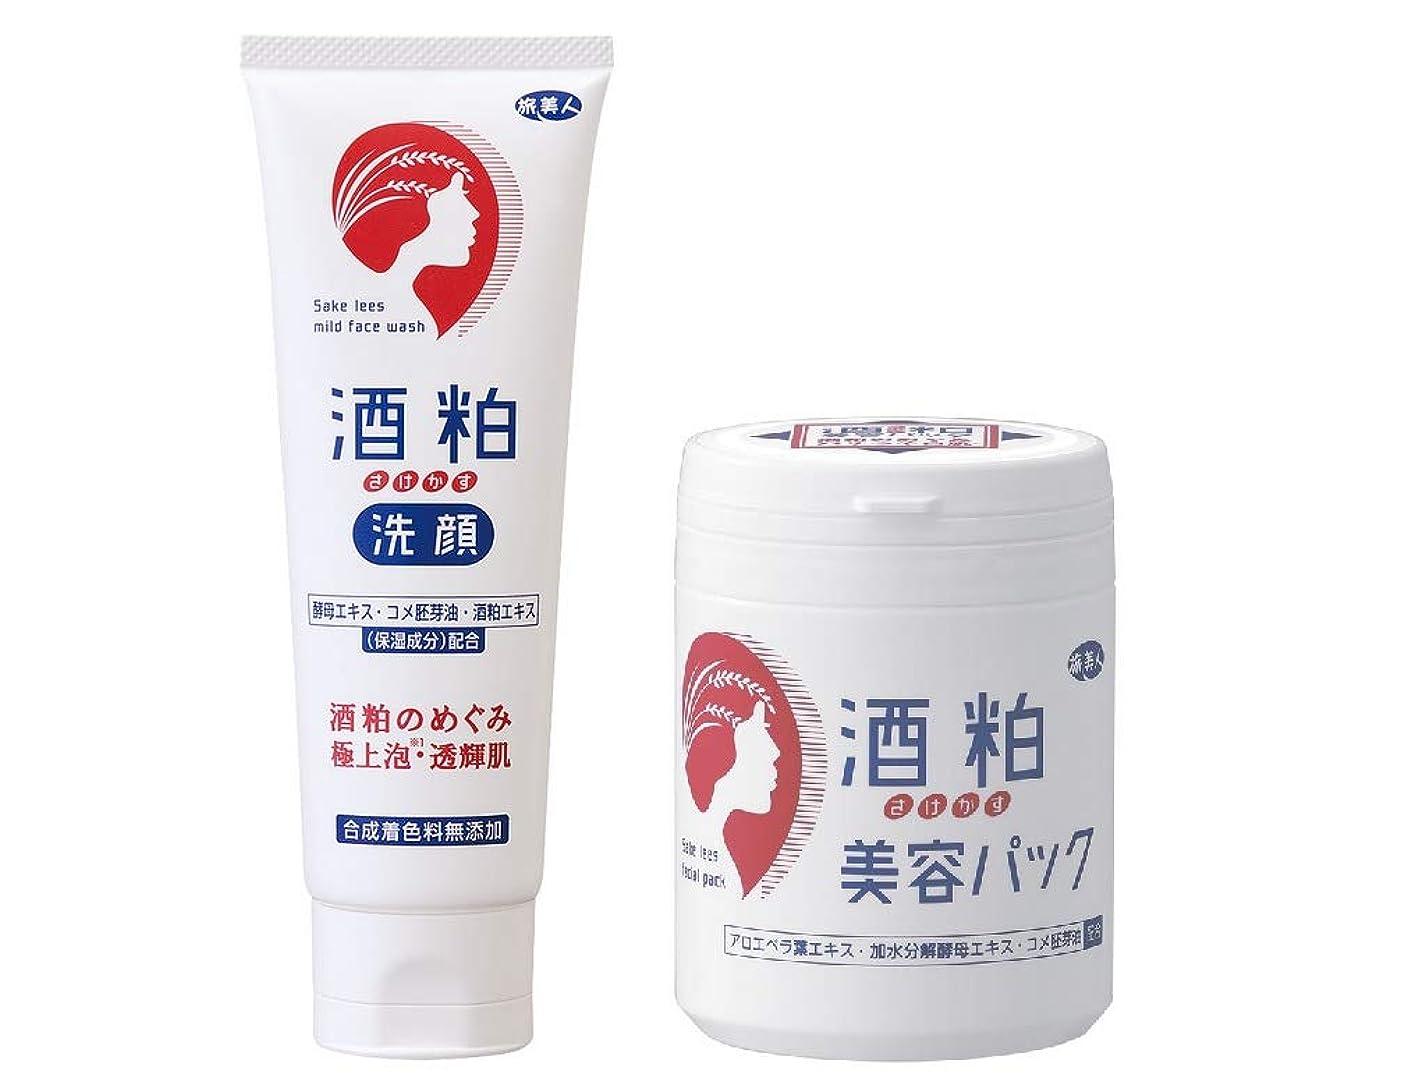 素子王族大統領アズマ商事の 酒粕パック 酒粕洗顔フォーム セット